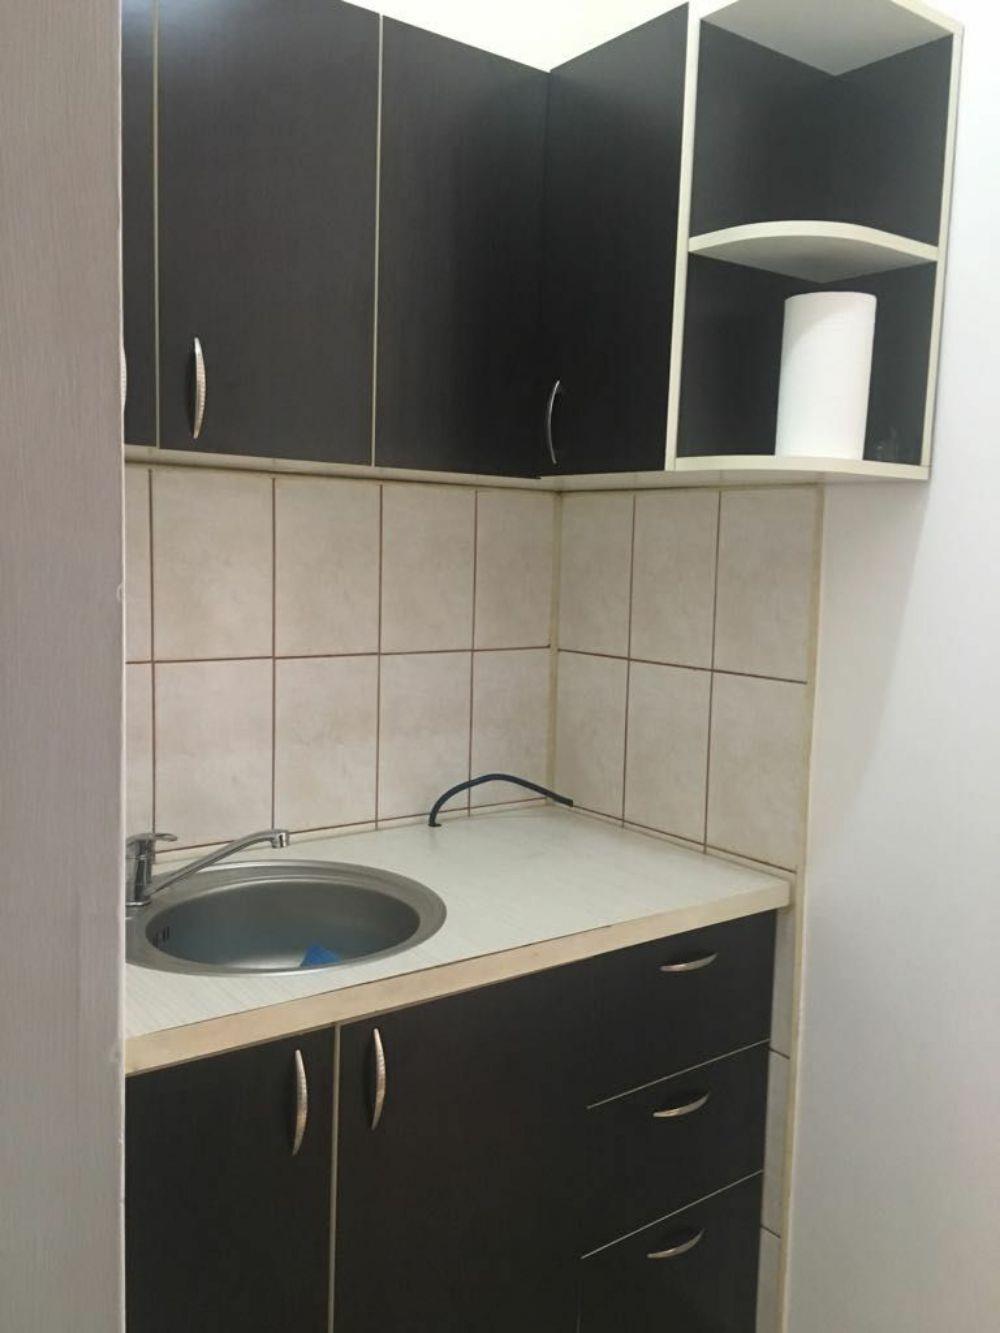 Apartament 1 cameră in cartier Nufarul lîngă Centrul Comercial Lotus Center MOLL Regim Hotelier  - imagine 3